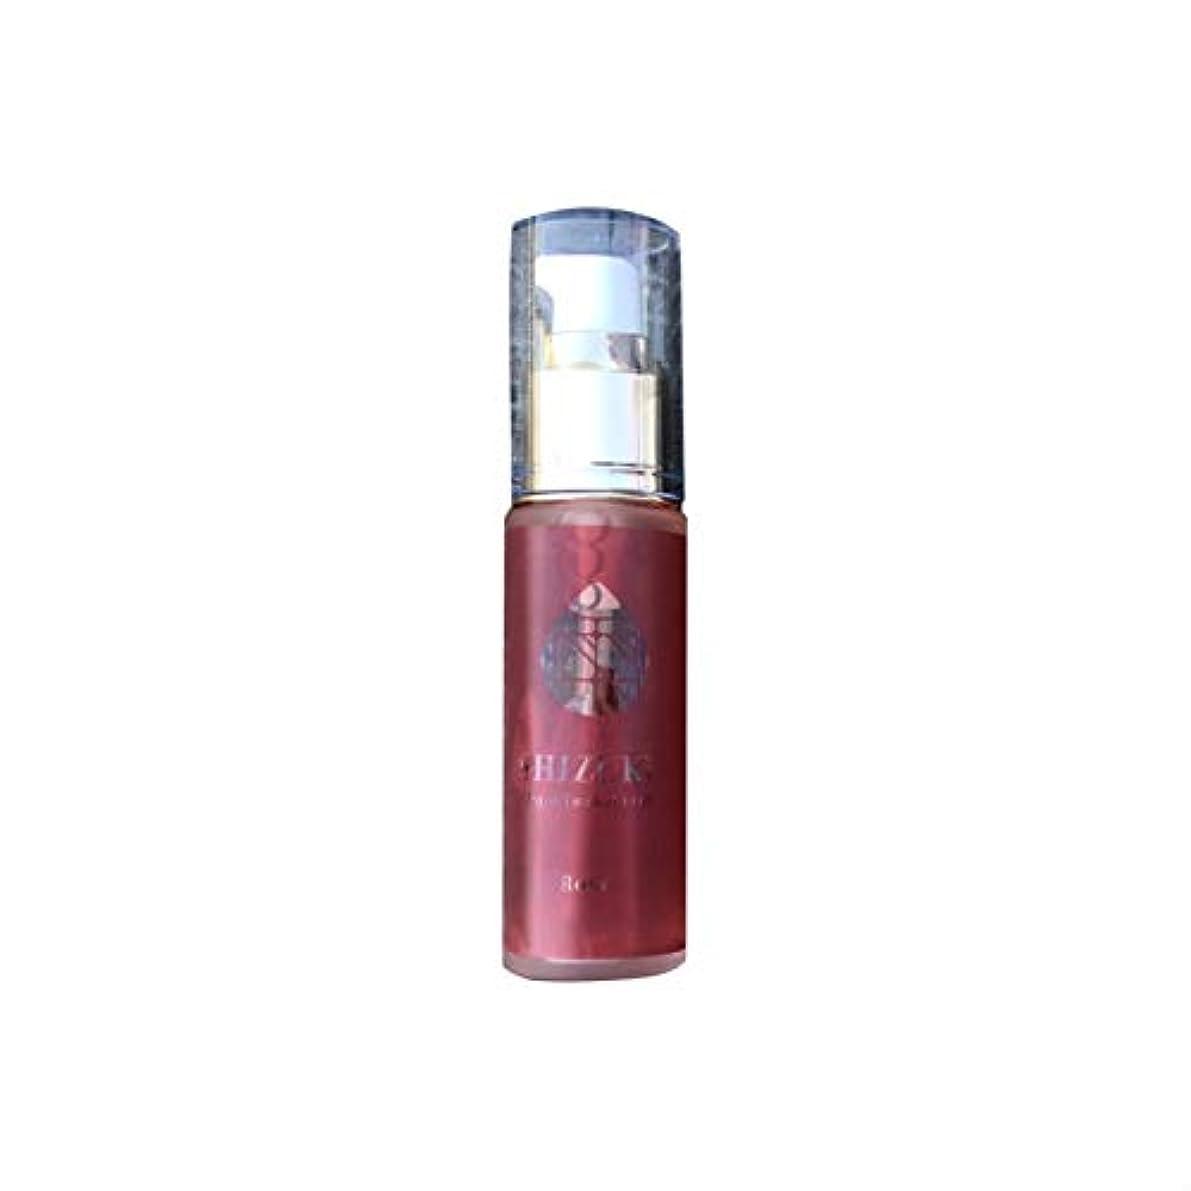 ケニアさておきフローティング雫 オイル ローズ 30ml 五島列島 精製椿油